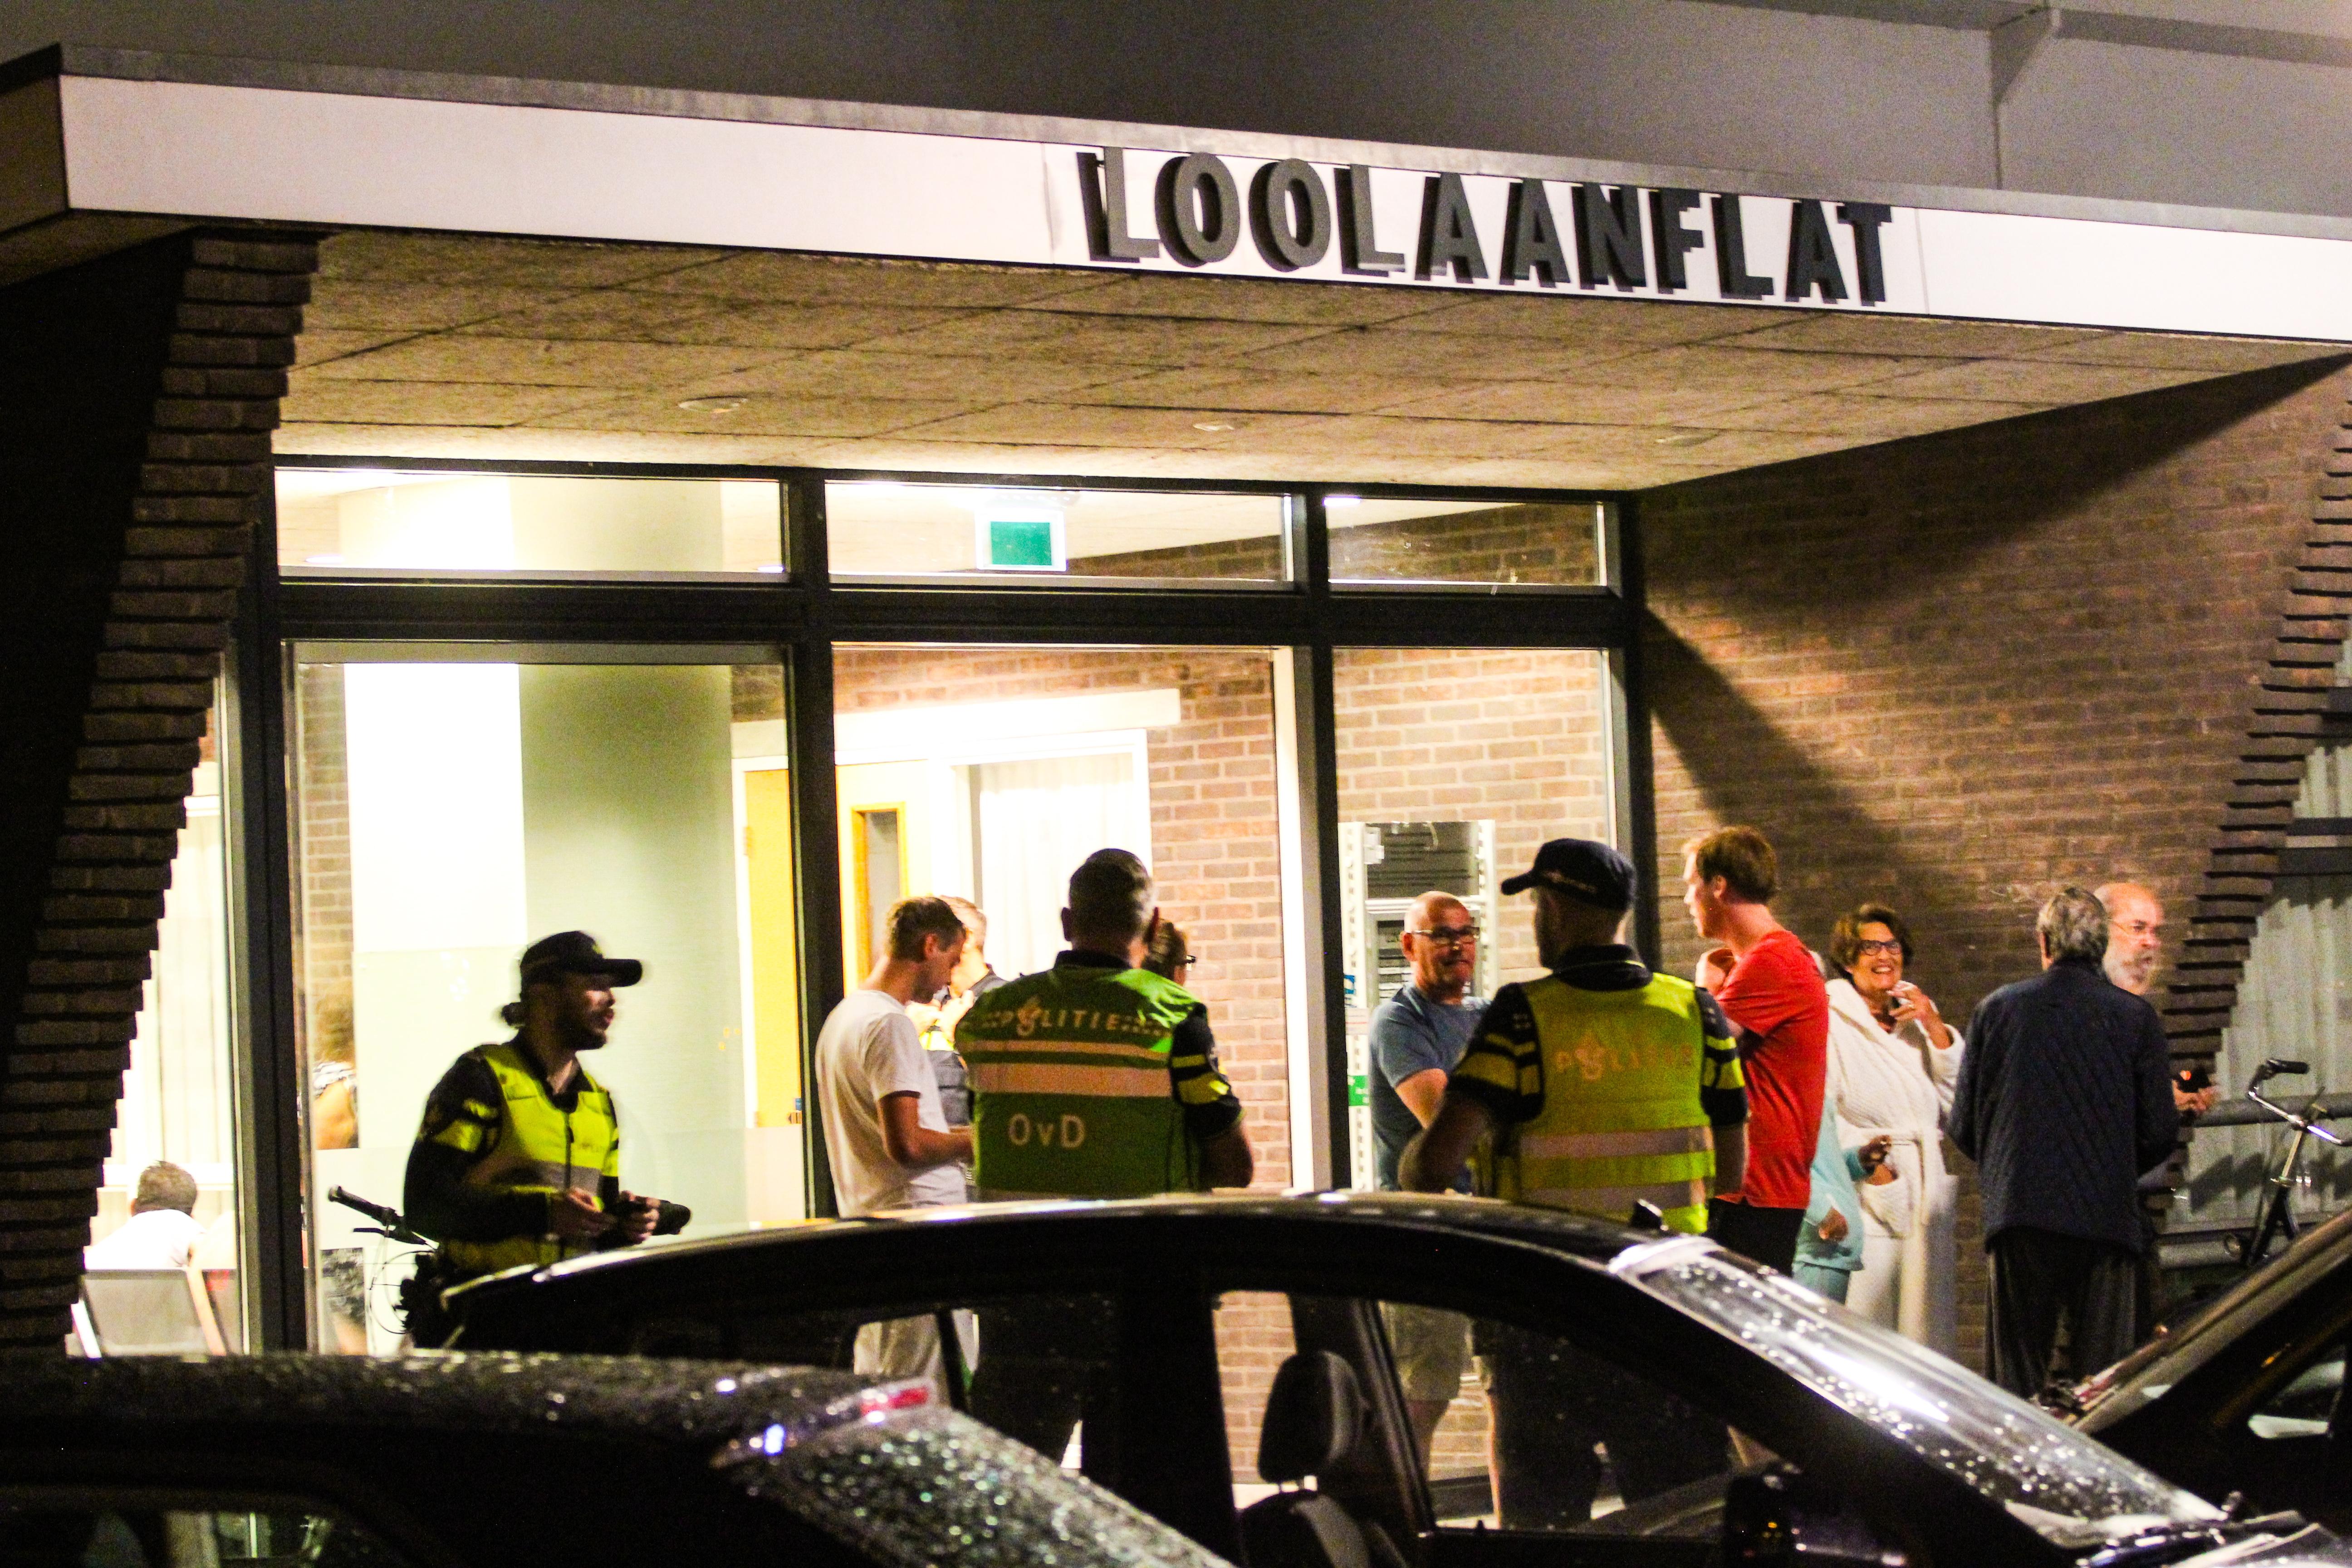 Twee gewonden bij brand in flat Loolaan